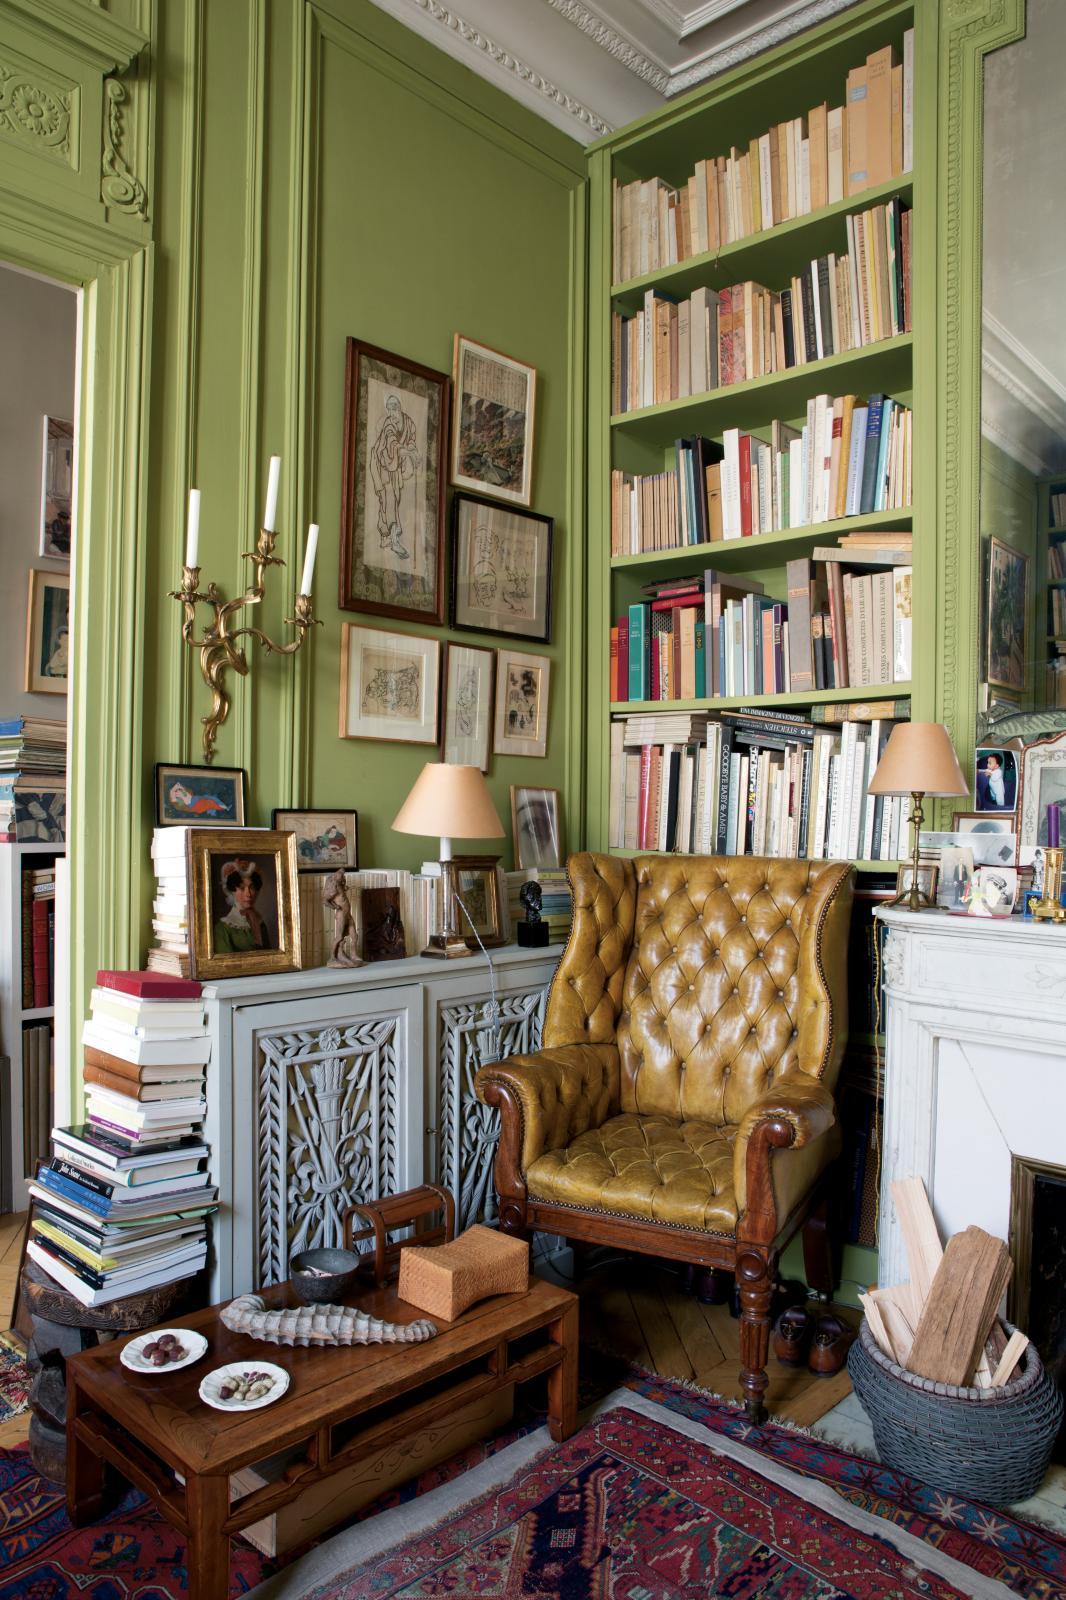 Vous avez dit atmosphère ?Un coin de l'appartement de Pierre Le-Tan. Photographie parue dans l'ouvrage d'Éric Jansen publié aux éditions Gourcuff-Grad